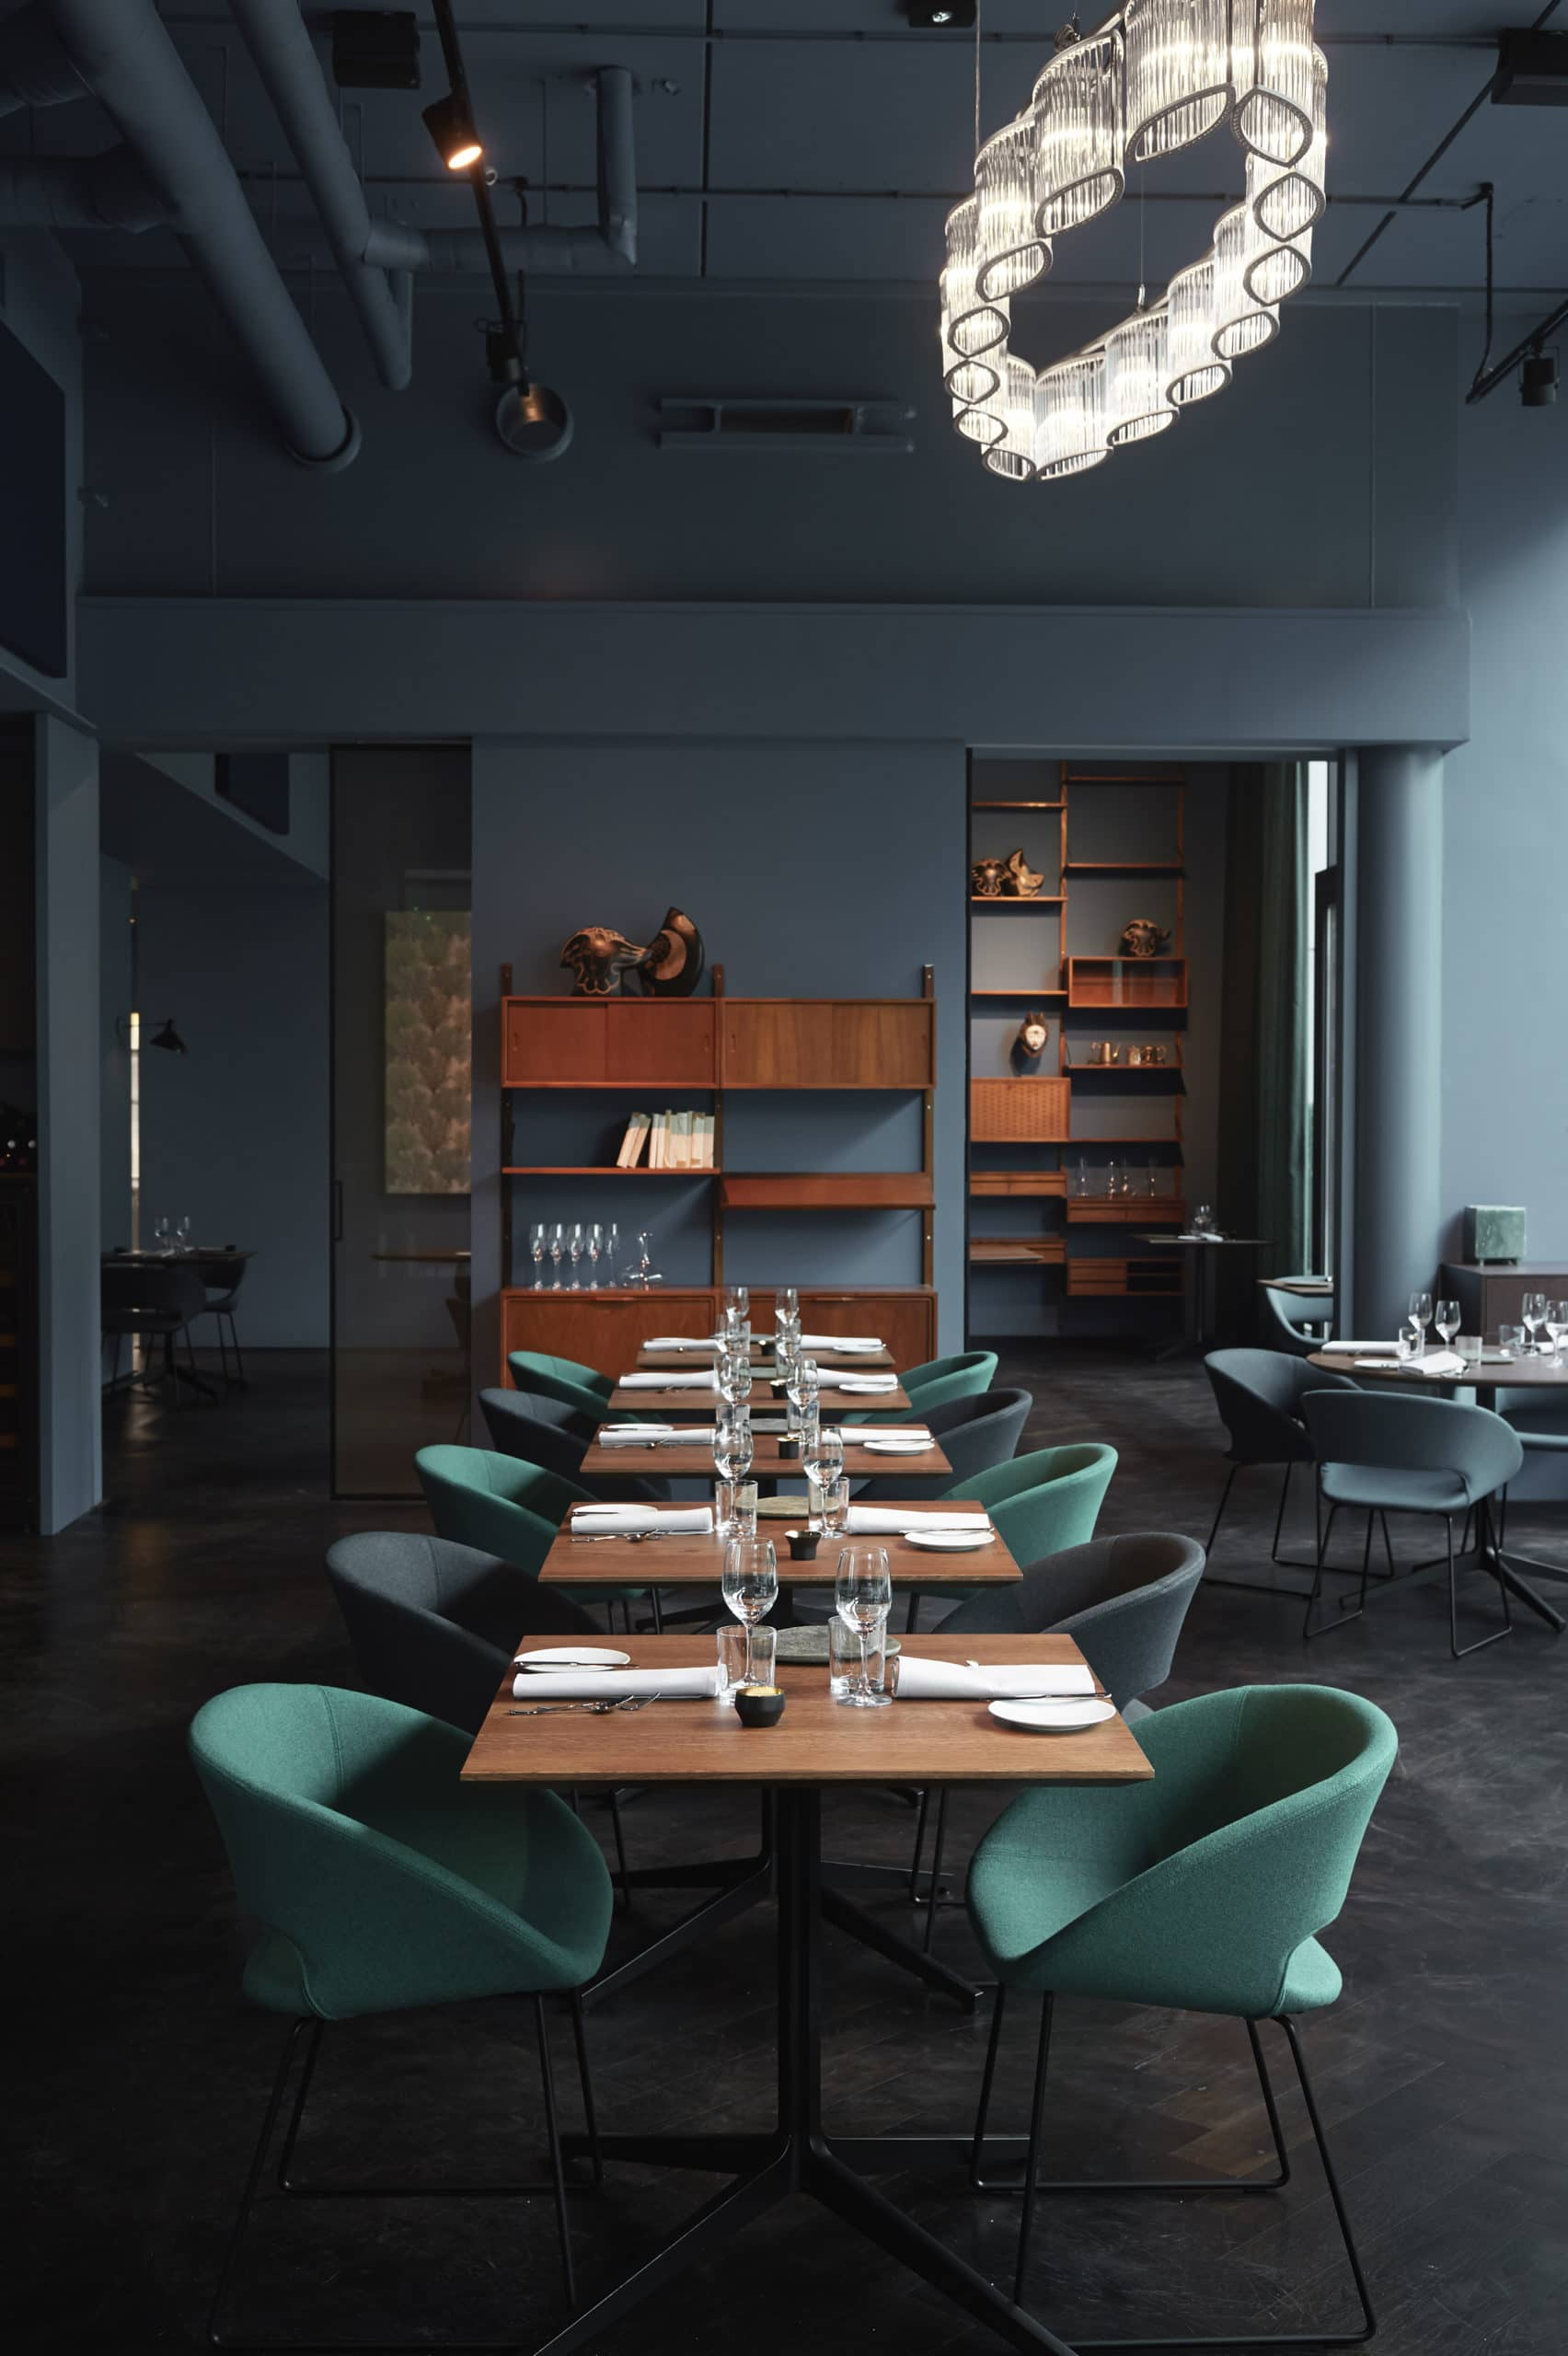 Fitzgeralds restaurant interior design